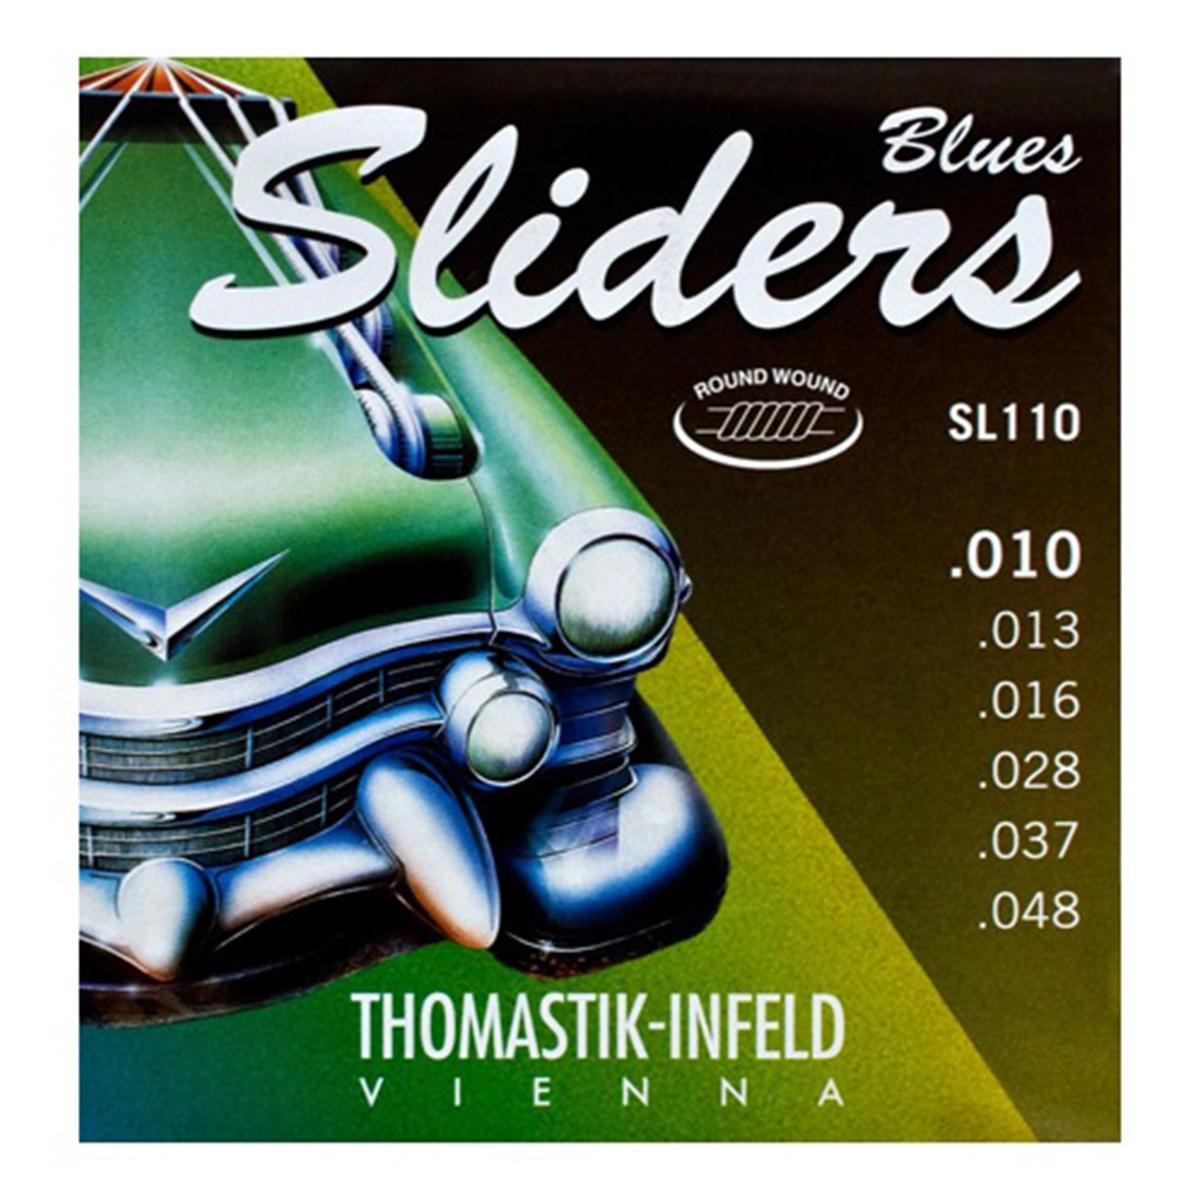 Thomastik-Infeld SL110 Blues Sliders 10-48